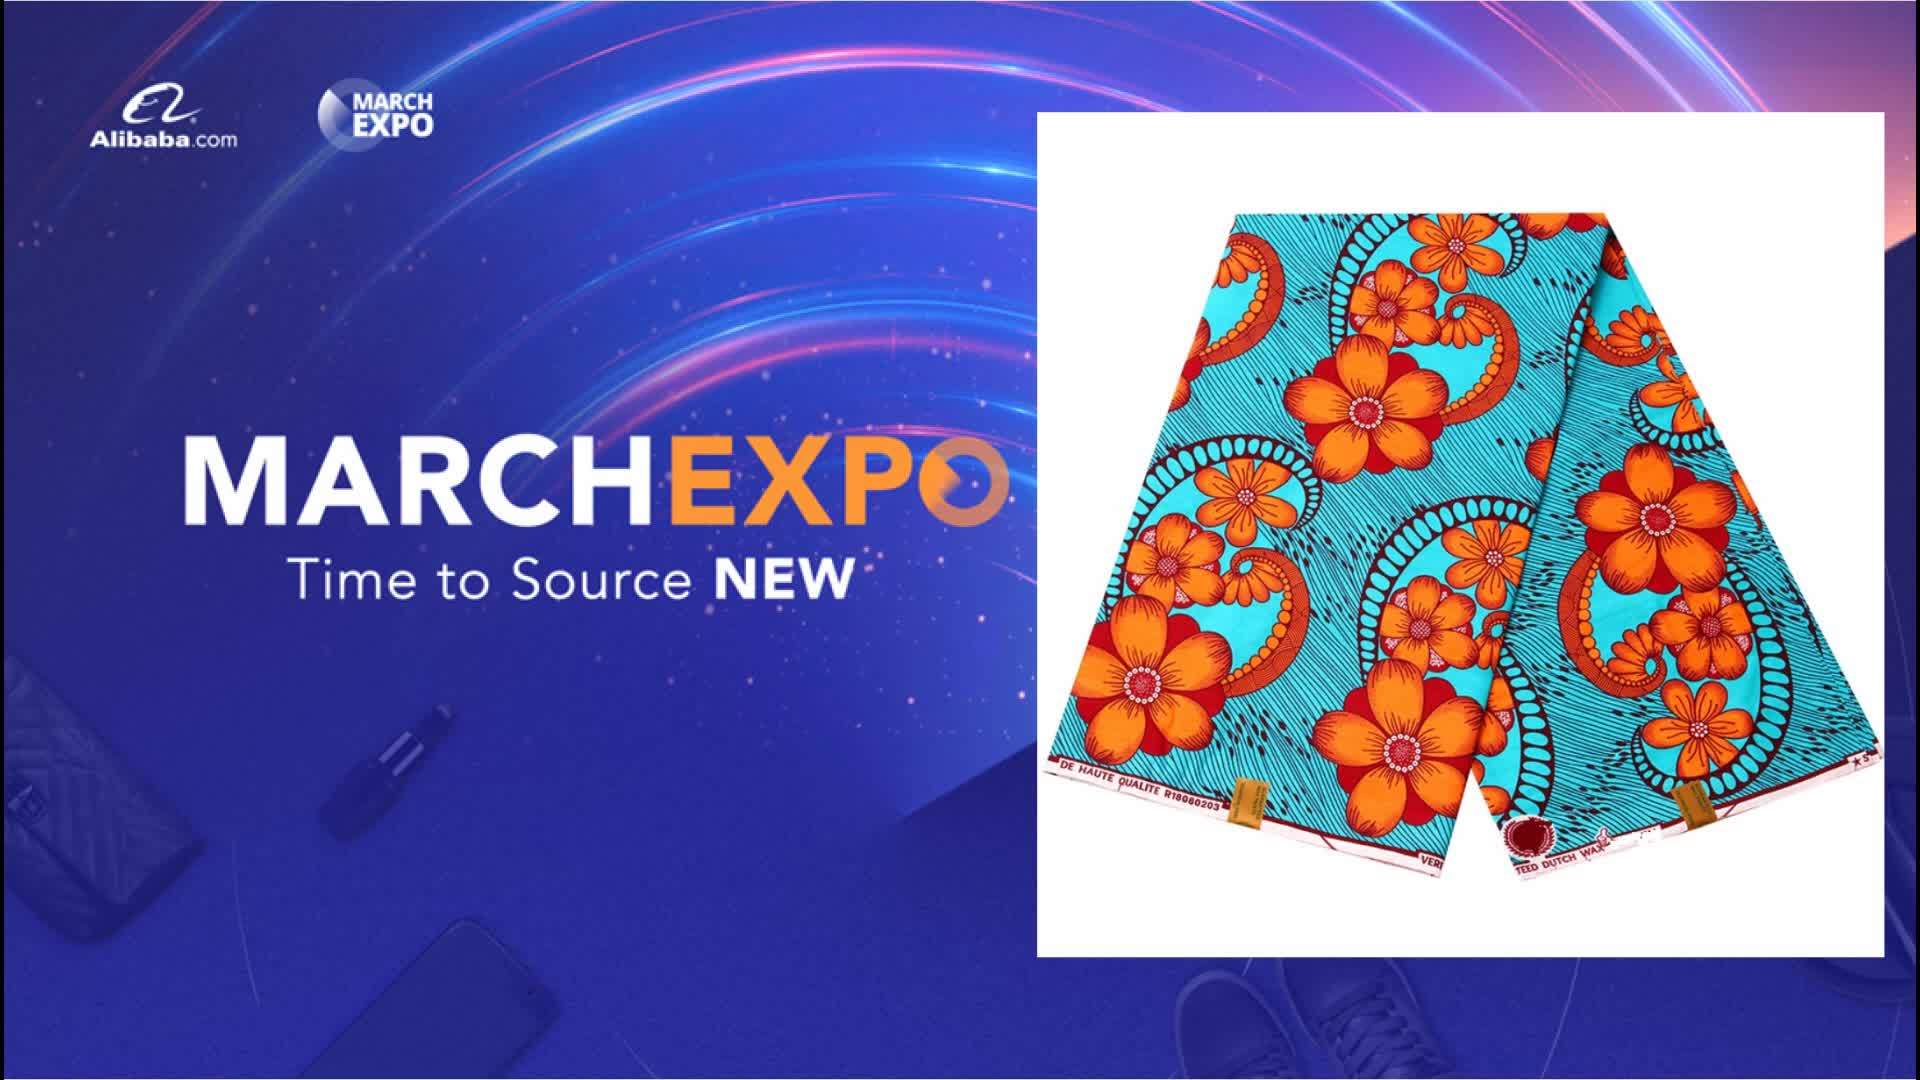 Directo de fábrica al por mayor 100% de algodón de la impresión de la cera Africana africano diseños fotos farbics